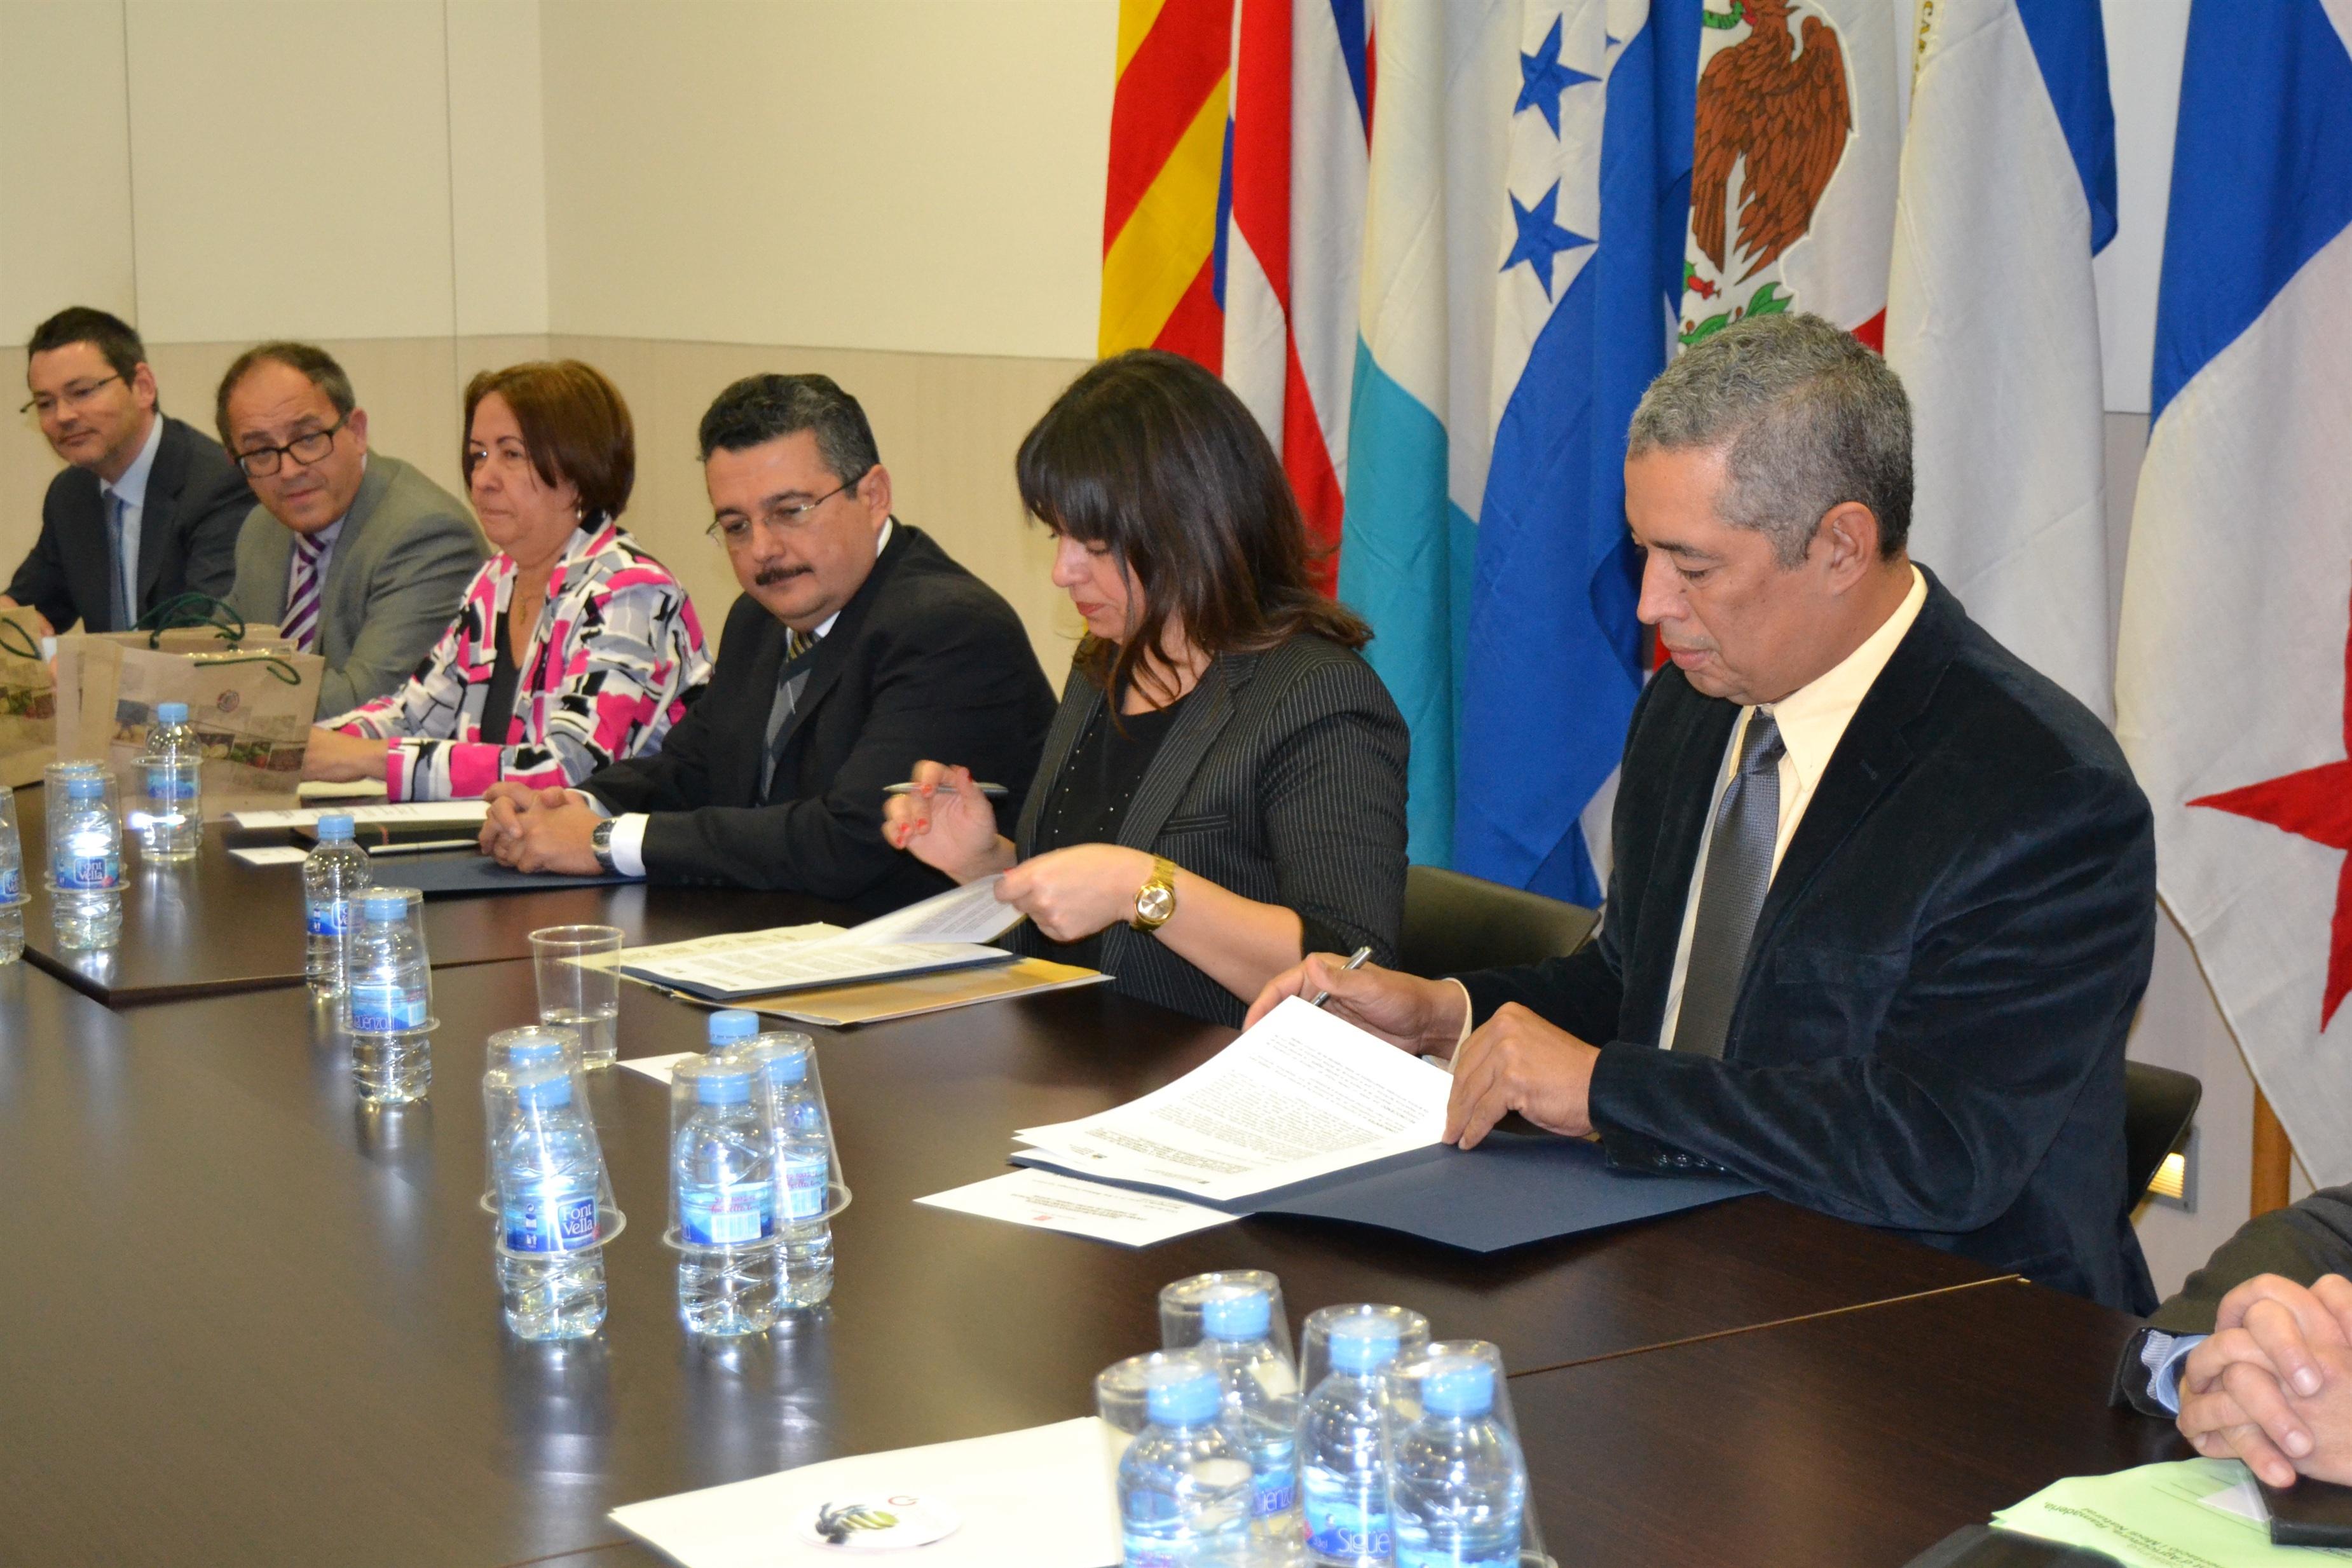 La Generalitat colaborará con el Organismo Internacional de Sanidad Agropecuaria